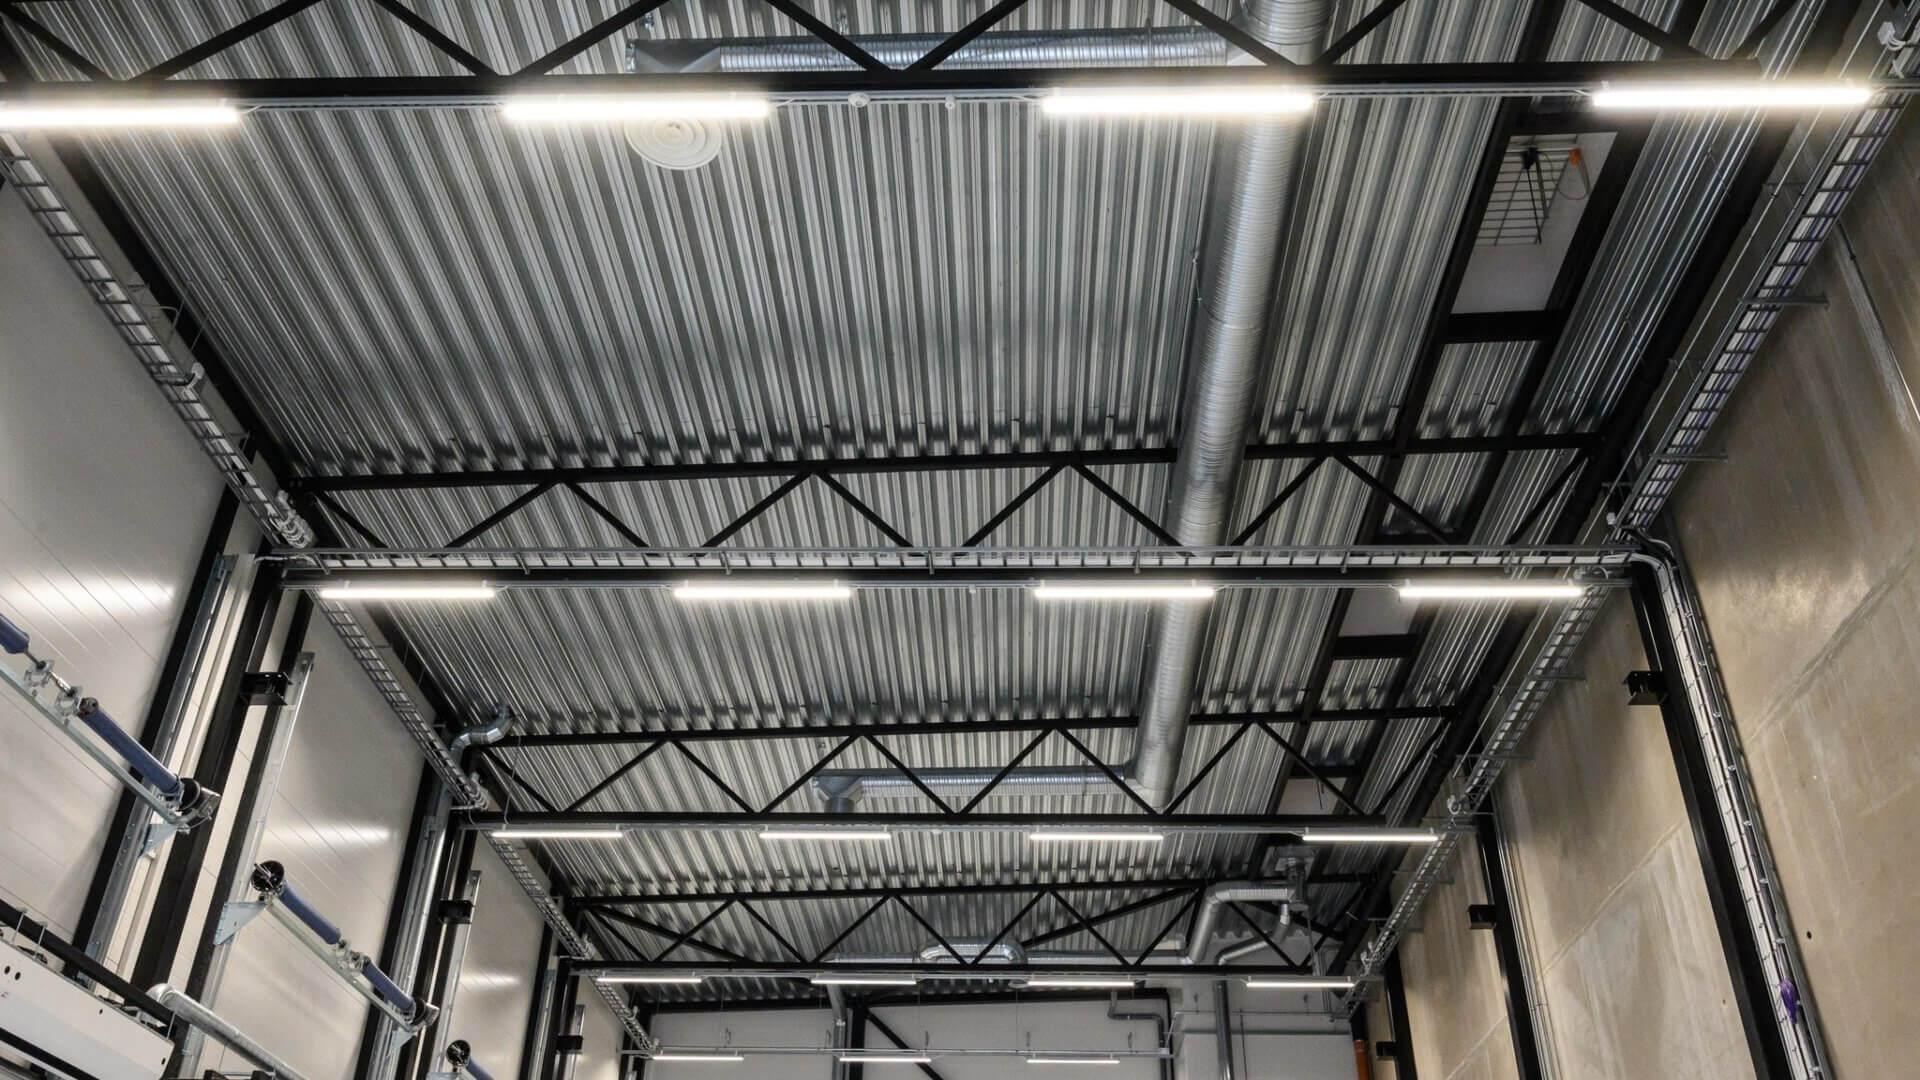 Novatronin uudet toimisto- ja tuotantotilat 7